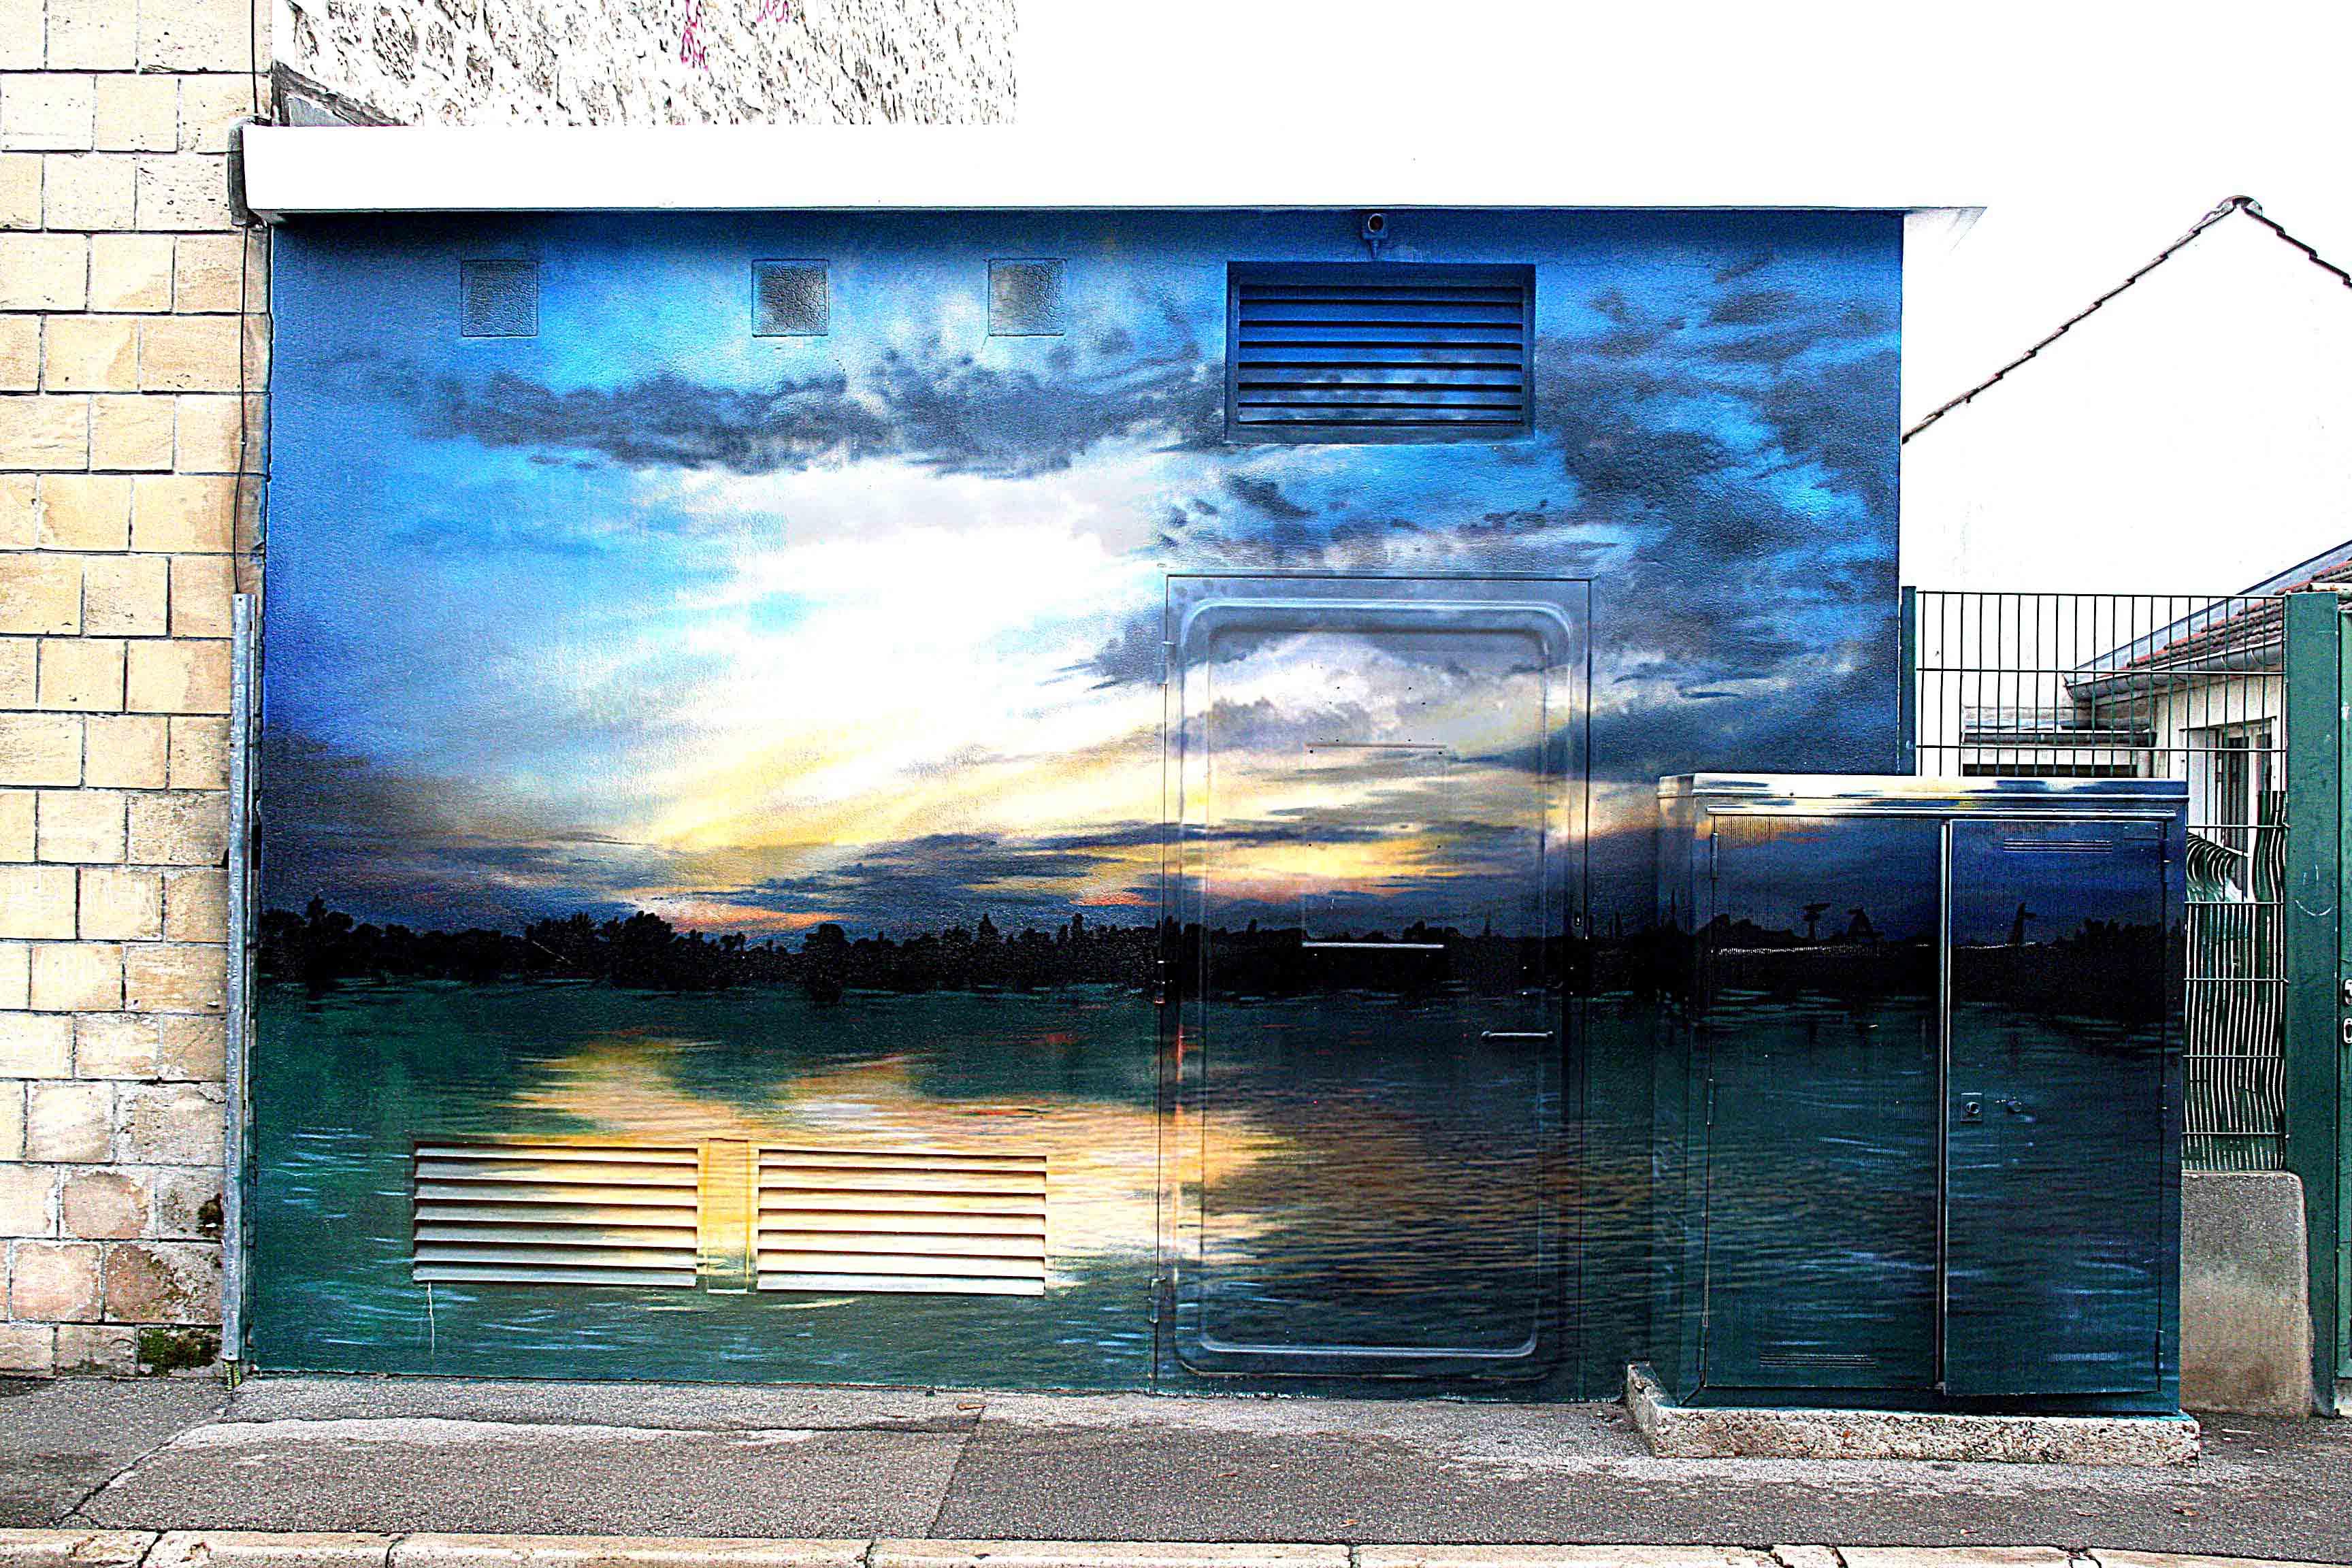 fresques d'un coucher de soleil au bord de la mer à Beaumont sur oise